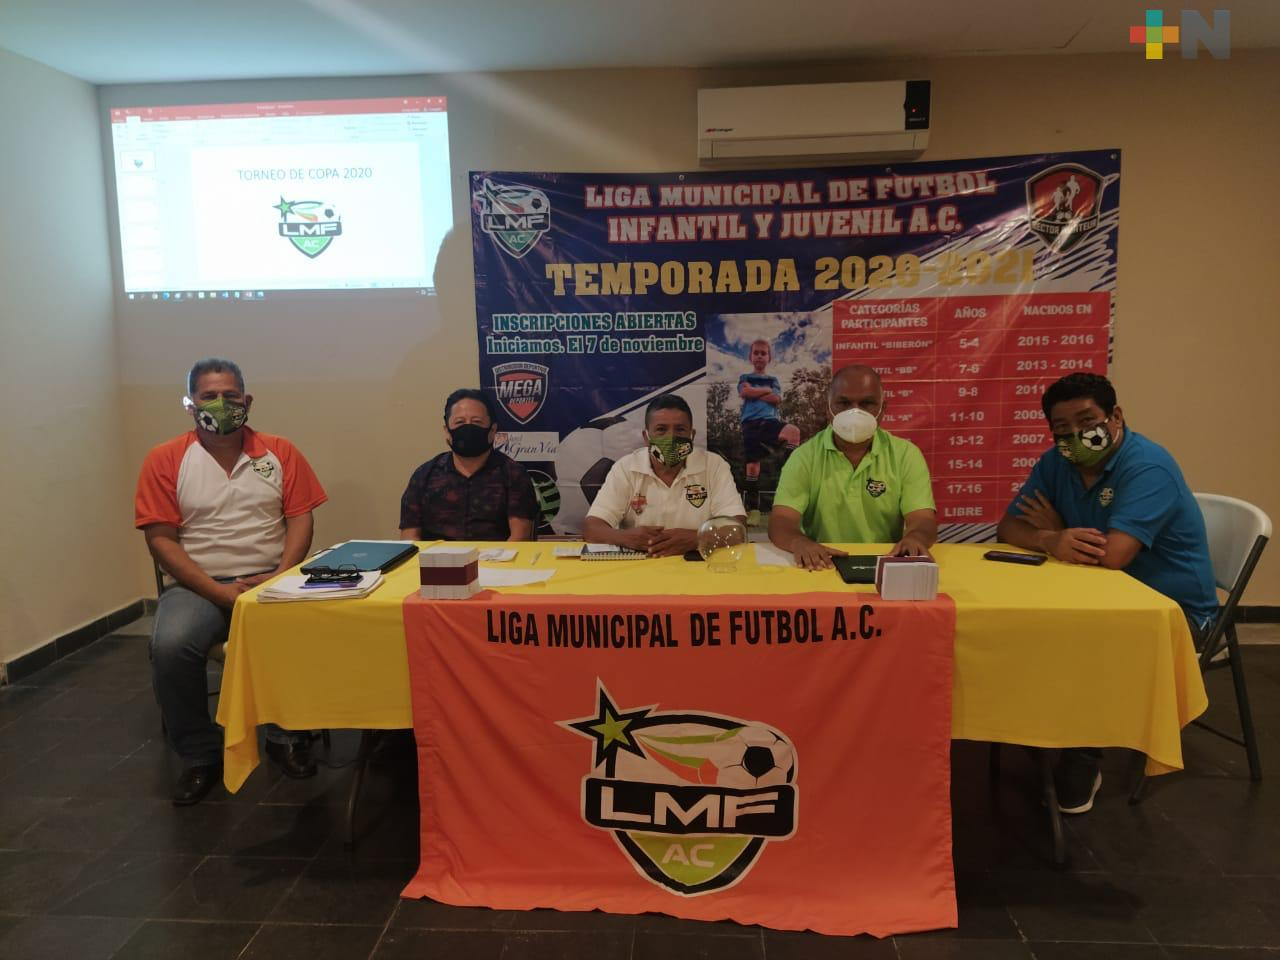 Realizan sorteo del Torneo de Copa, en la Liga Municipal